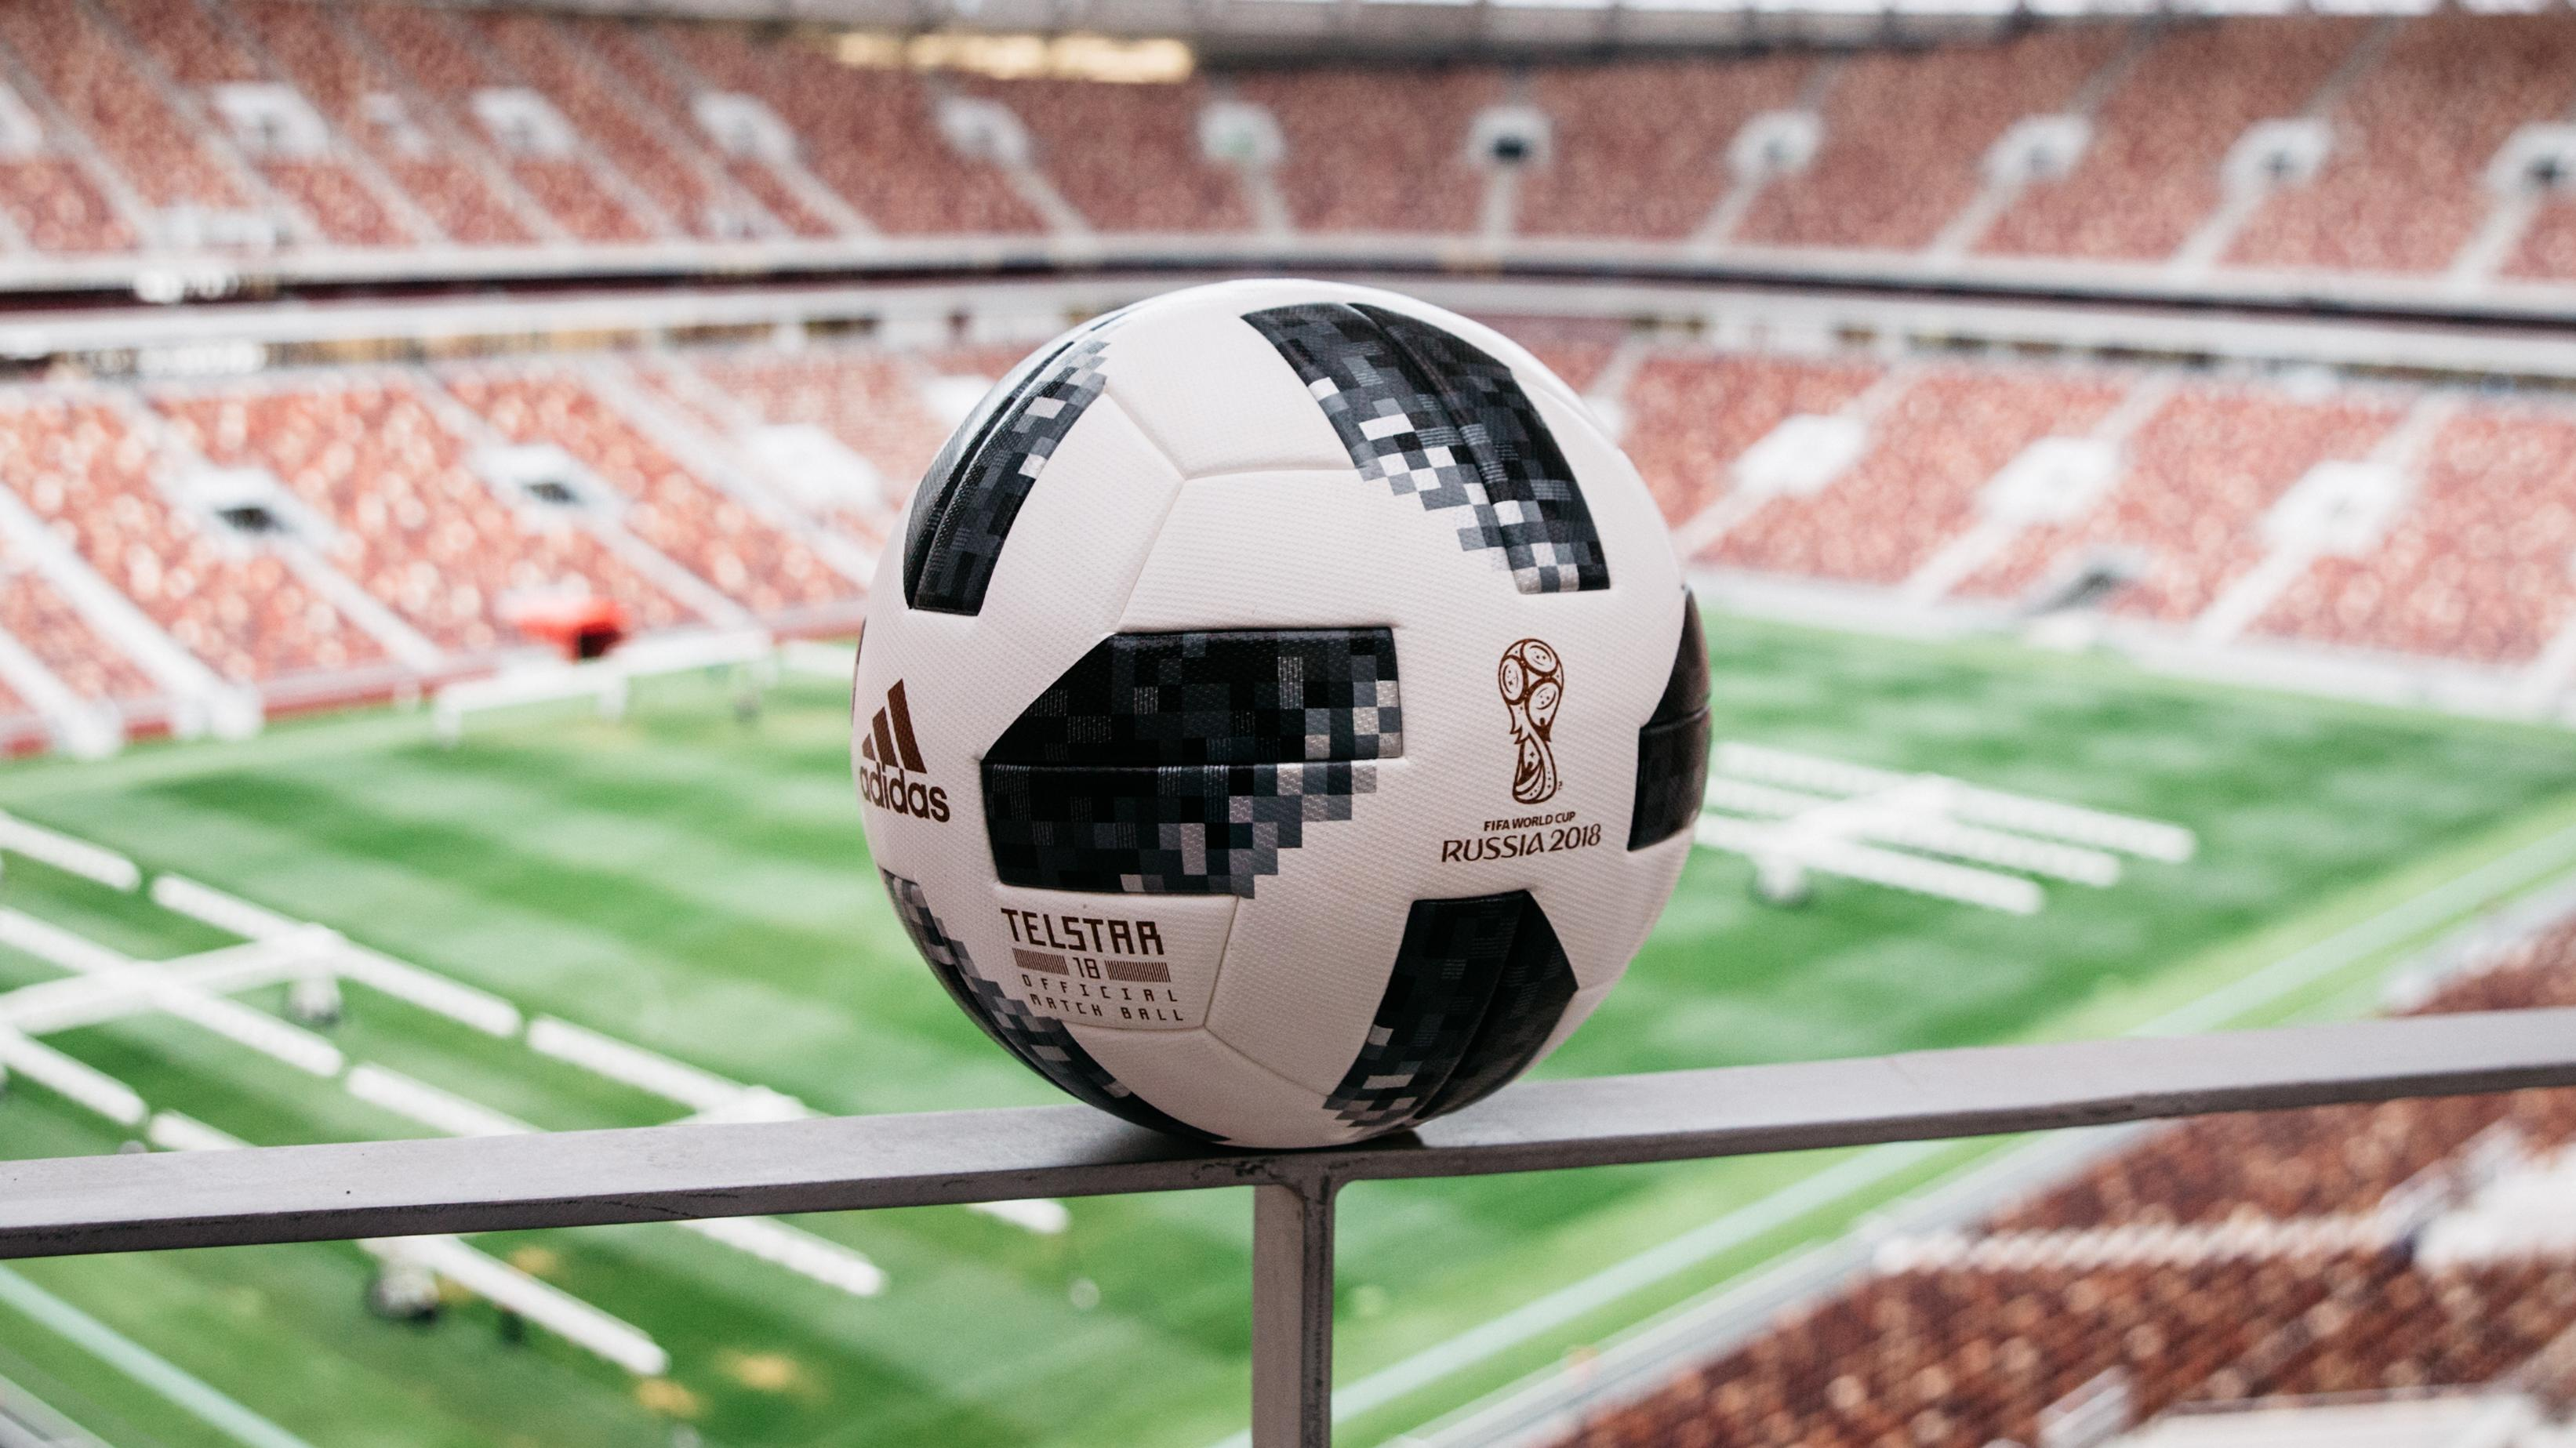 f106d6c4c16a0 Zaprezentowano oficjalną piłkę meczową mistrzostw świata 2018 - Piłka nożna